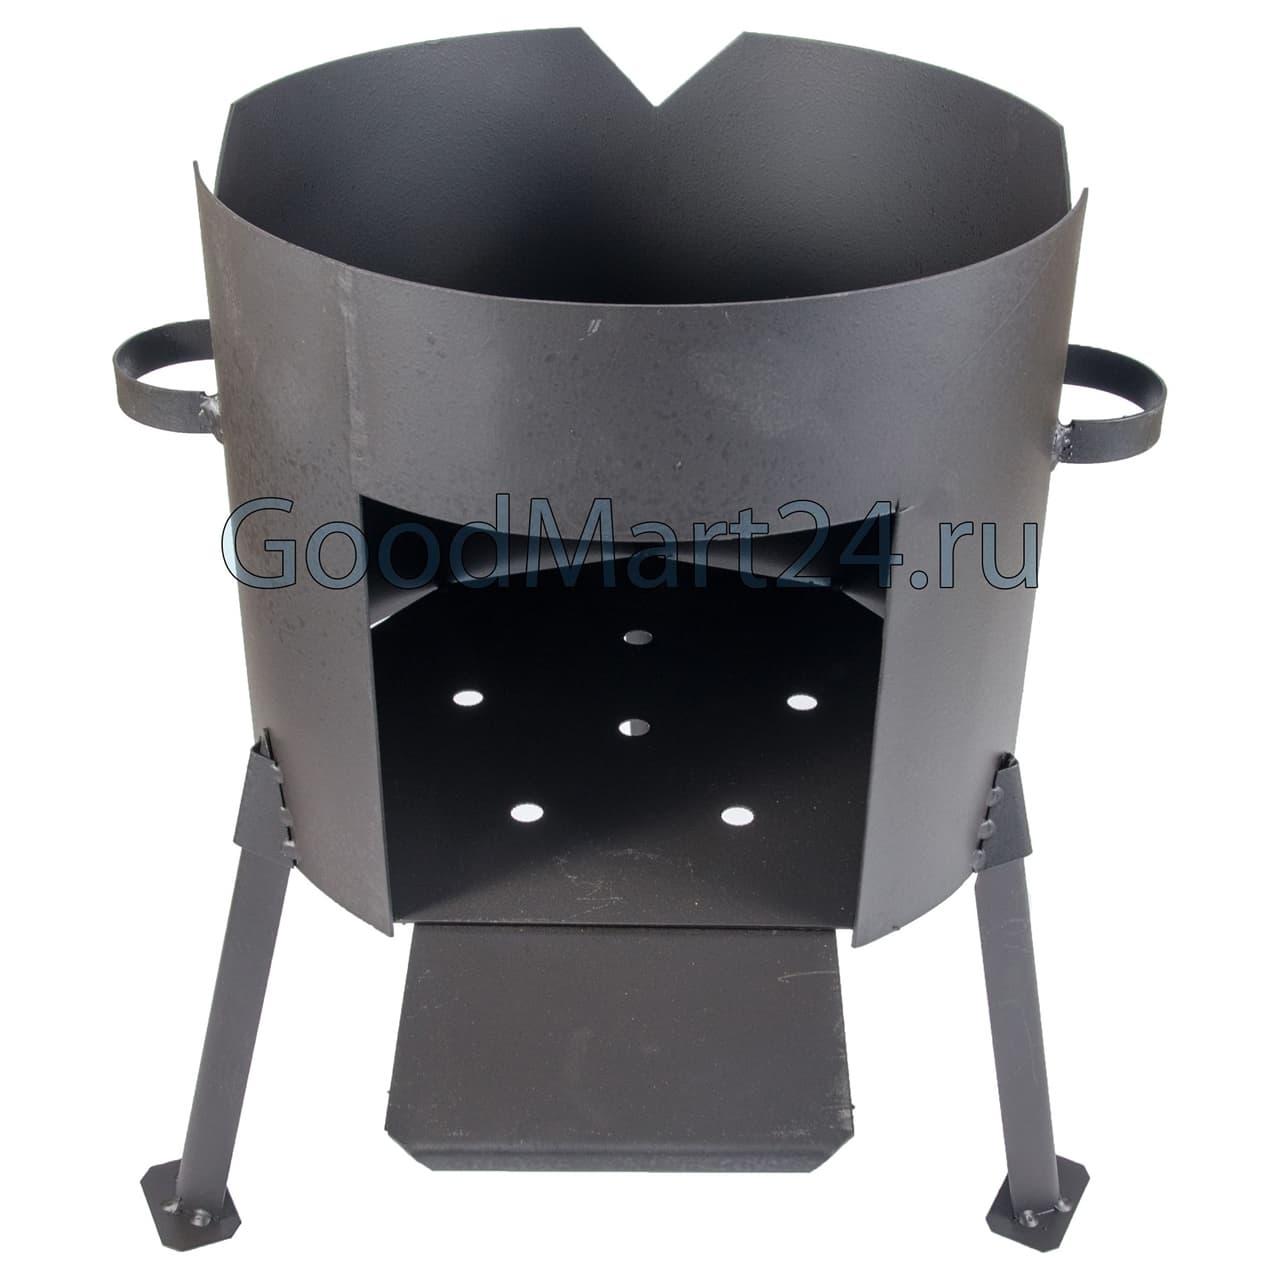 заказать комплект казан из чугуна 12 литров БЛМЗ + печь D-360 мм сталь 2 мм